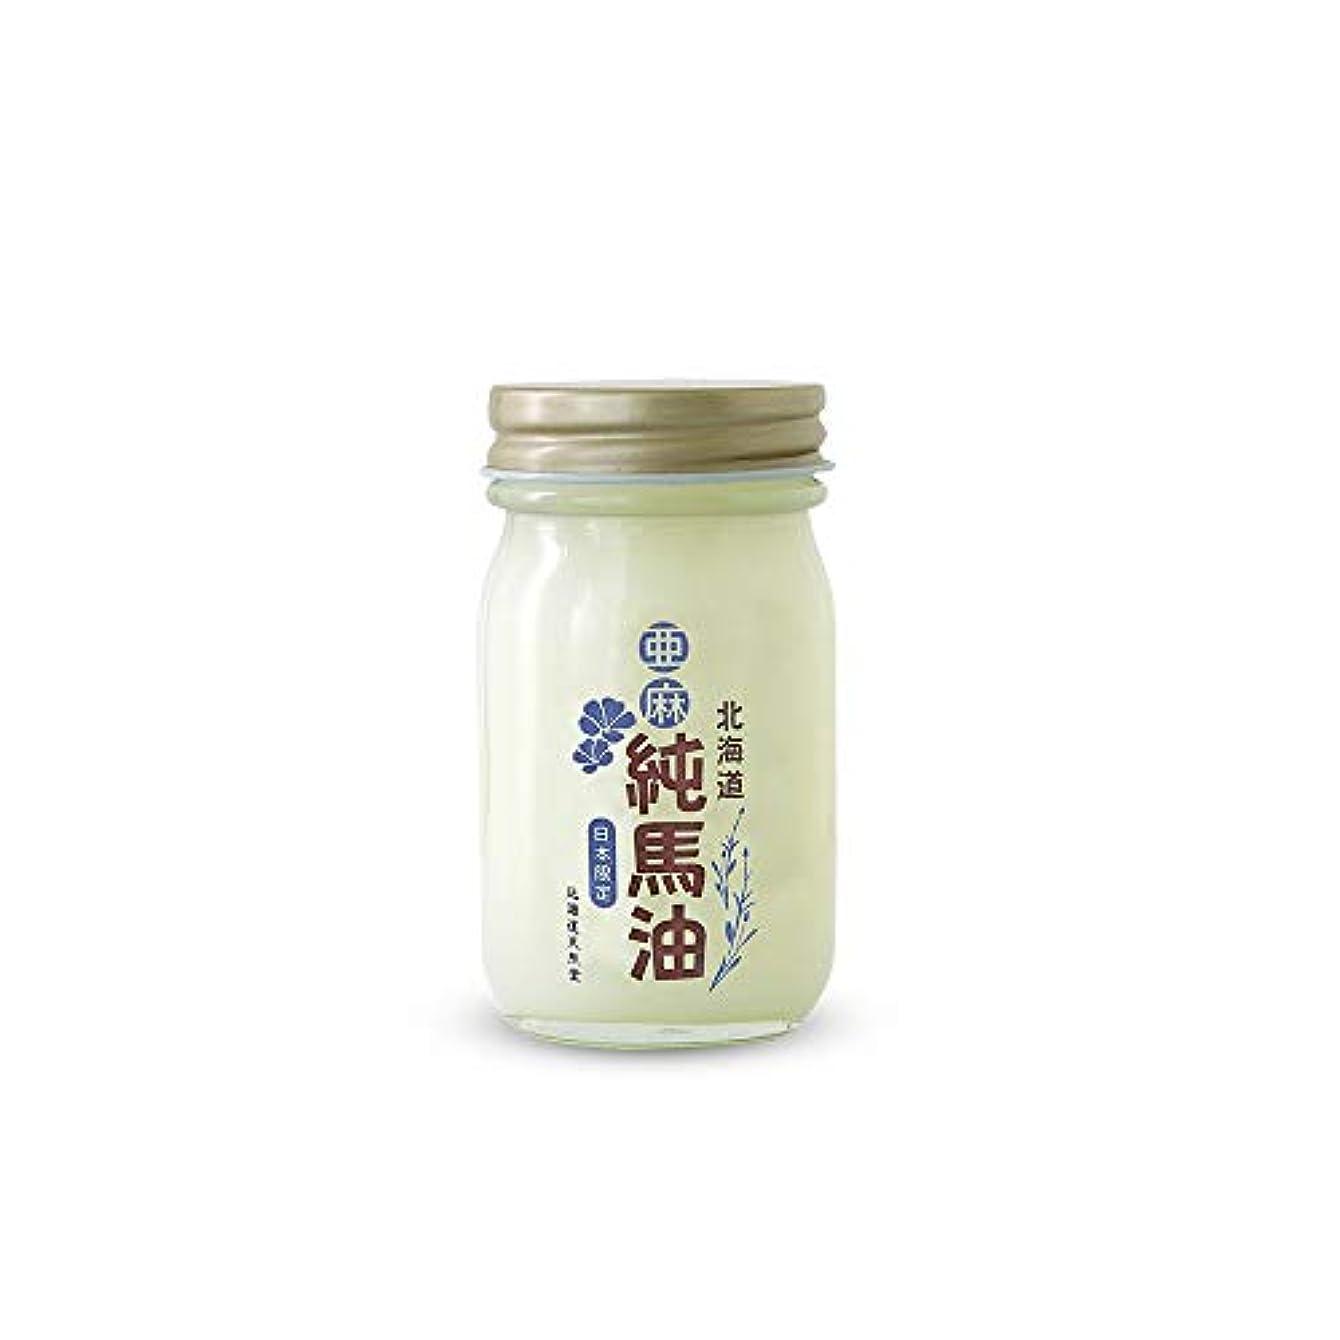 集団大混乱反逆者アマ純馬油 80g / 北海道天然堂